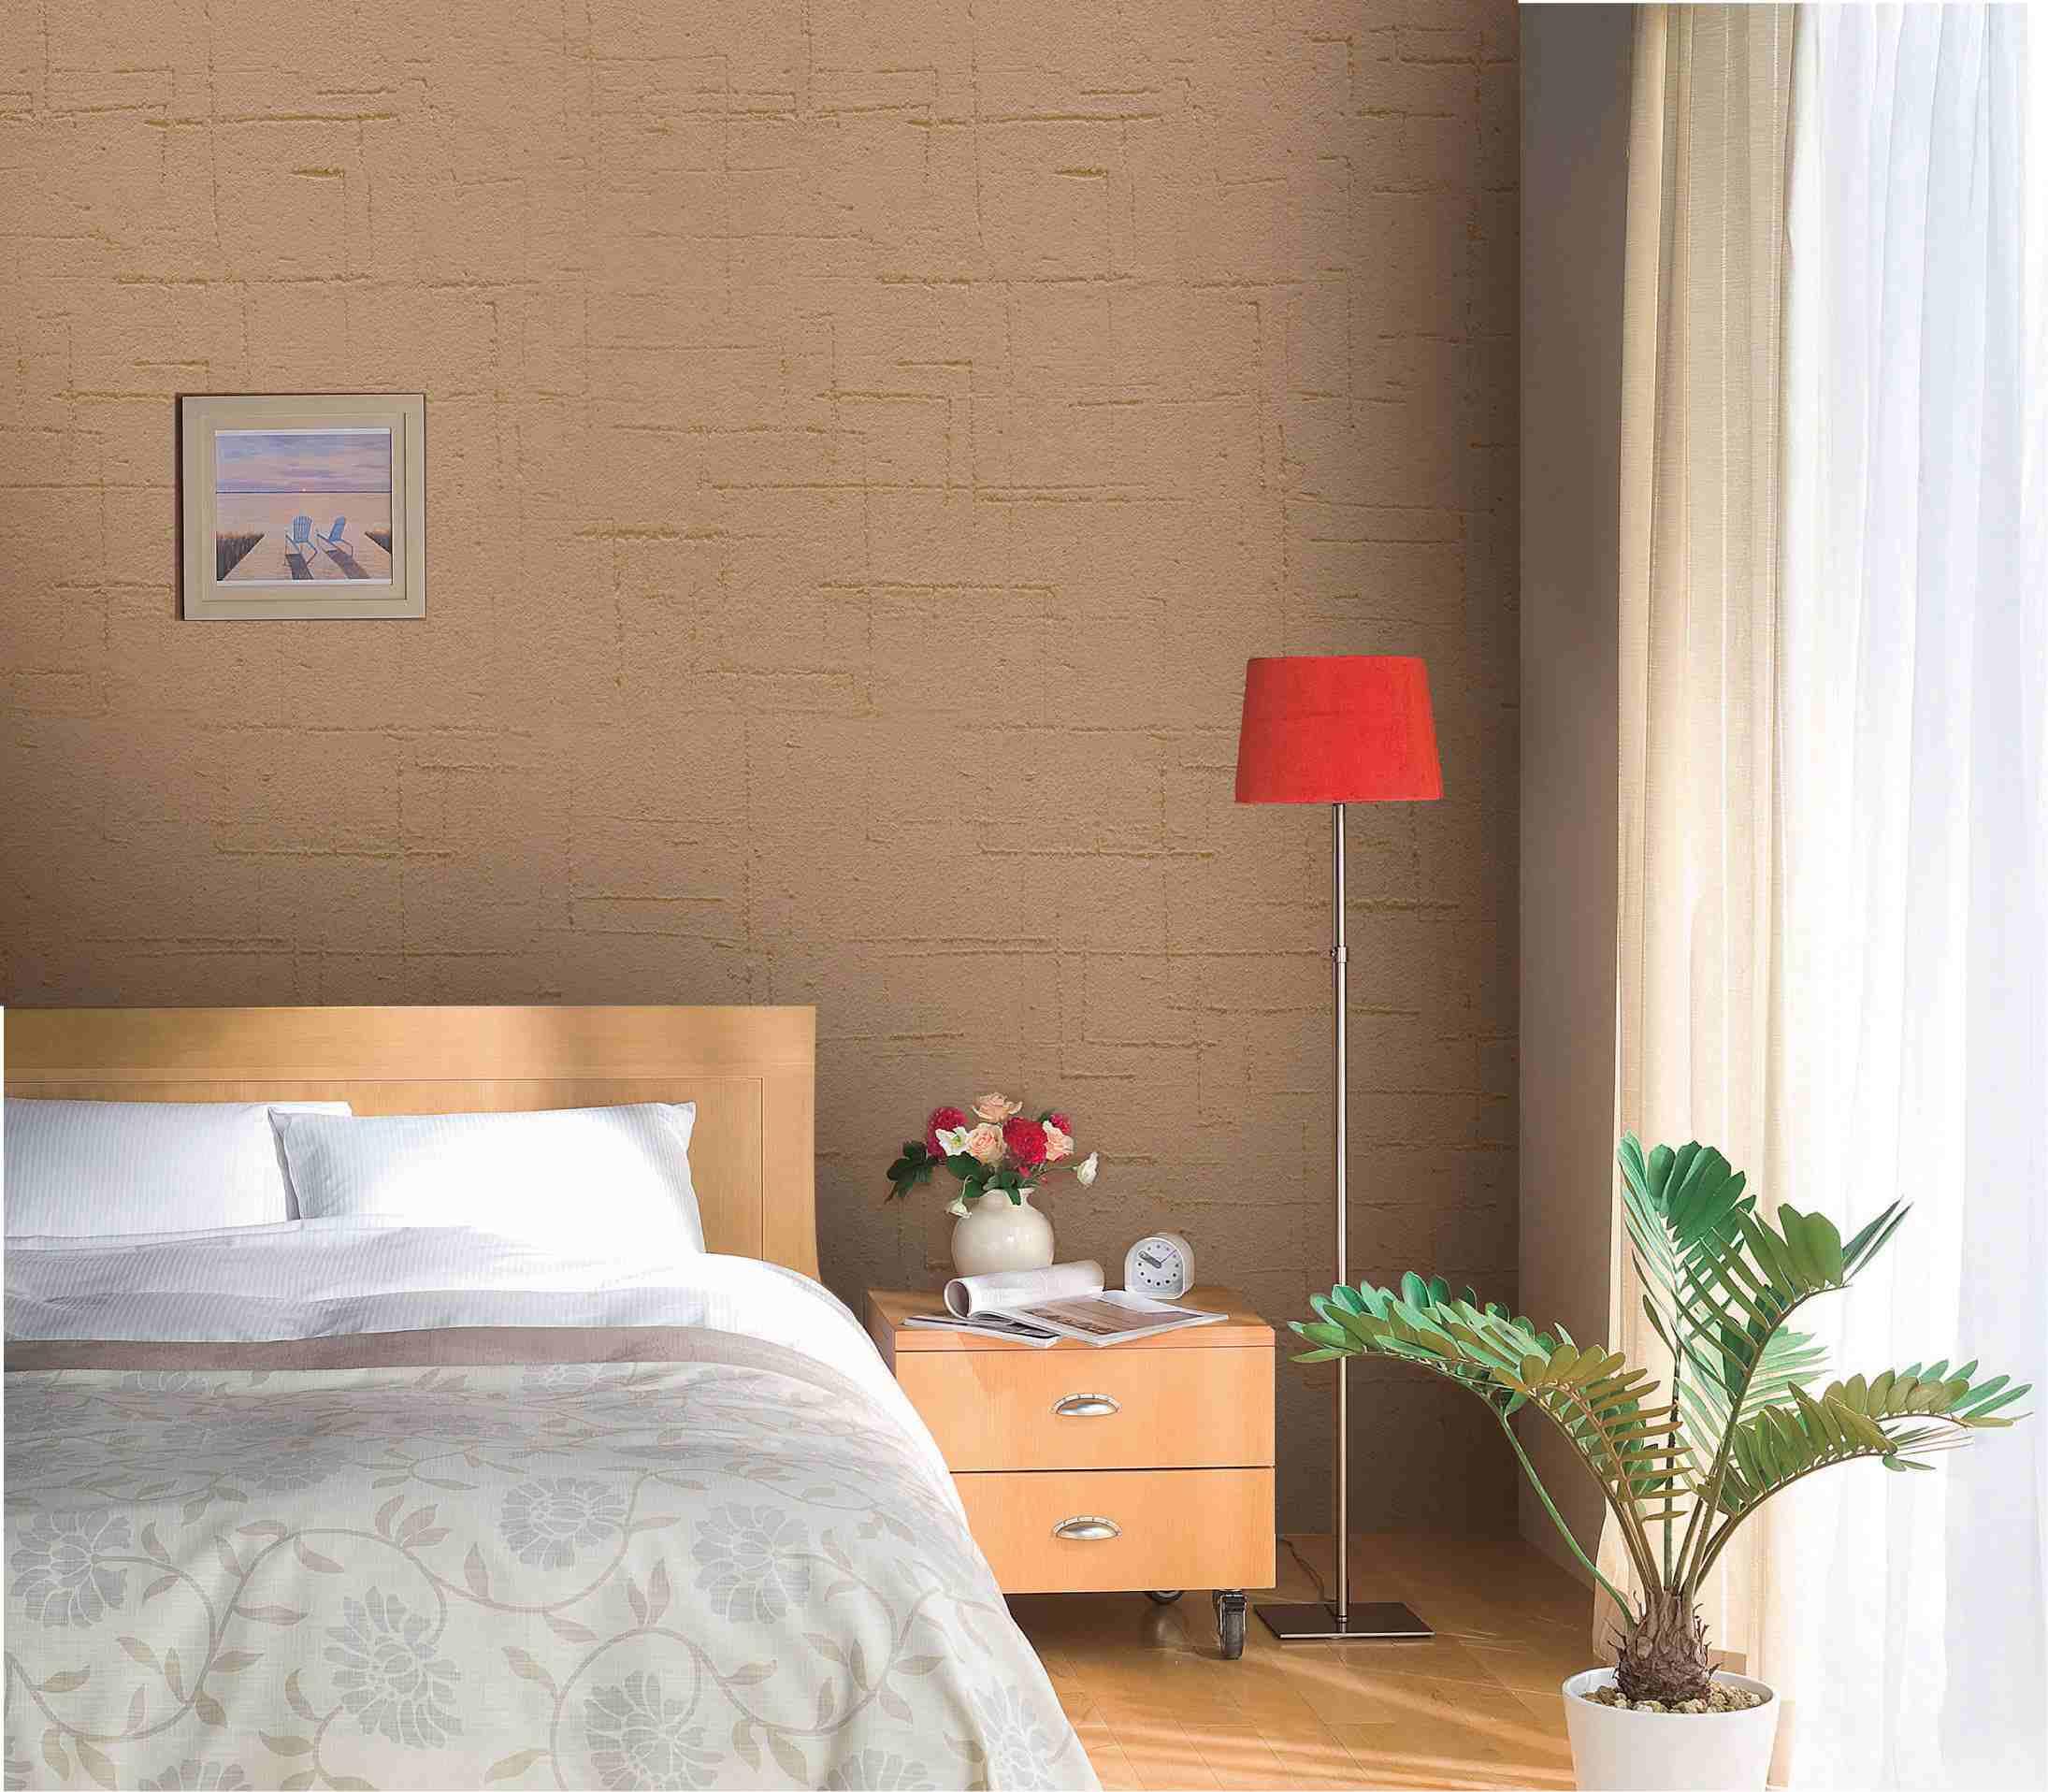 硅藻泥电视背景墙相对于传统墙面有哪些优势?